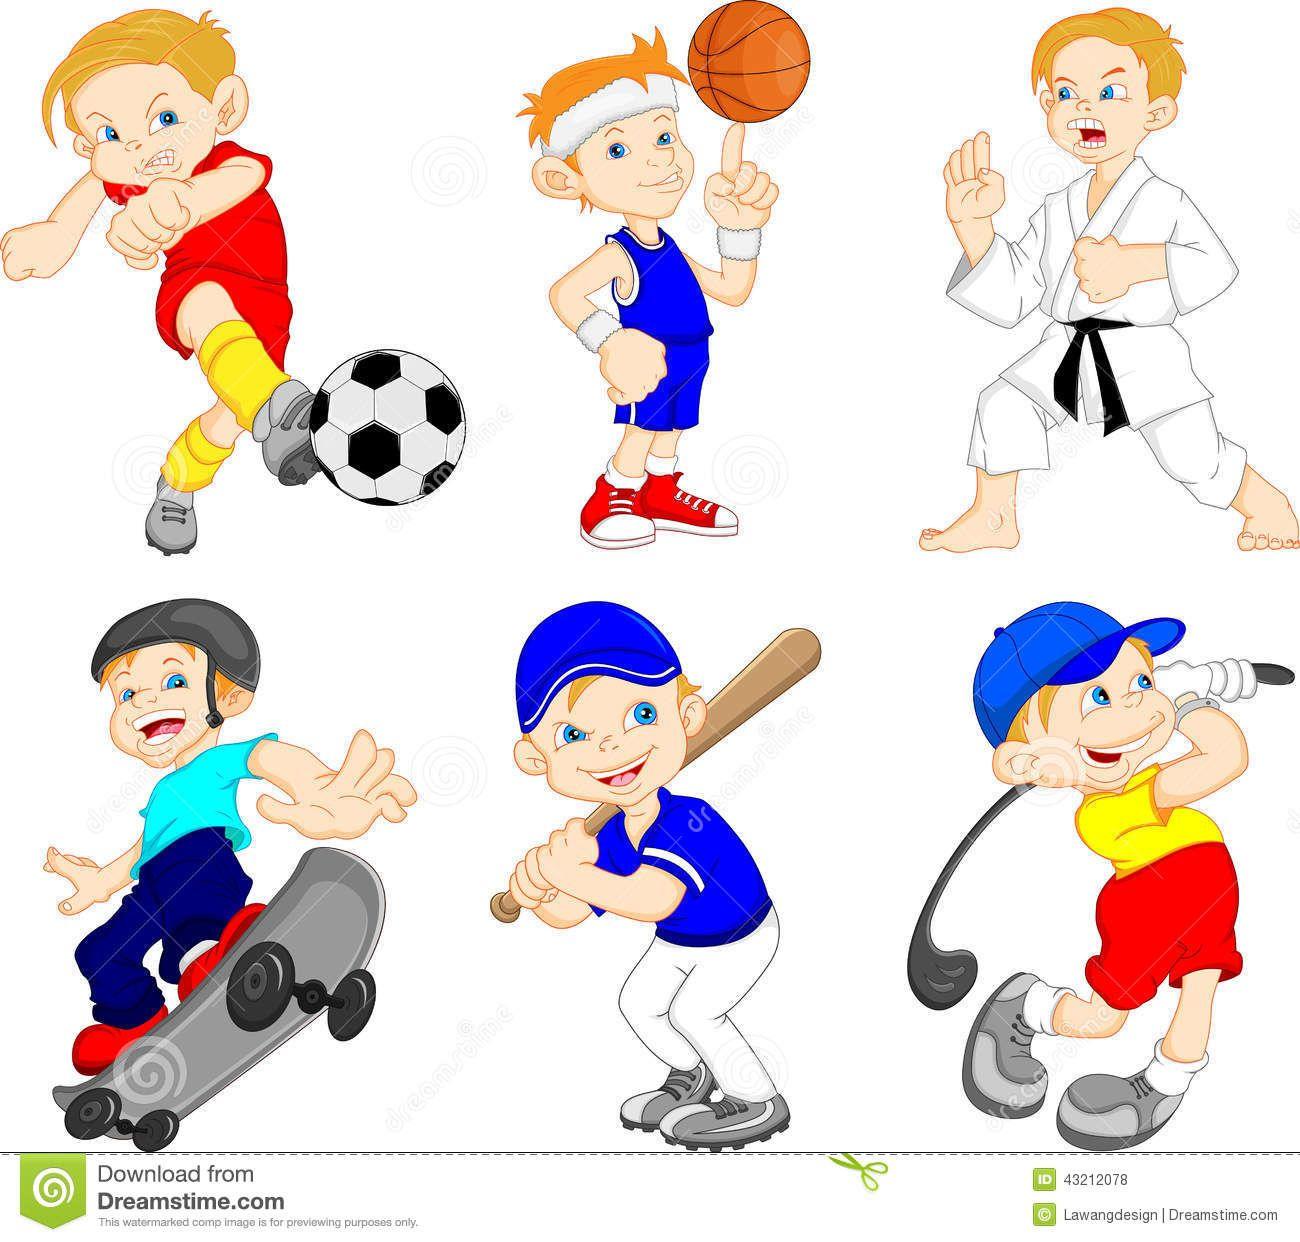 Personaje De Dibujos Animados Divertido Del Muchacho Que Hace Deporte Ilustracion Del Dibujos Animados Divertidos Dibujos Animados Personajes Deportes Animados